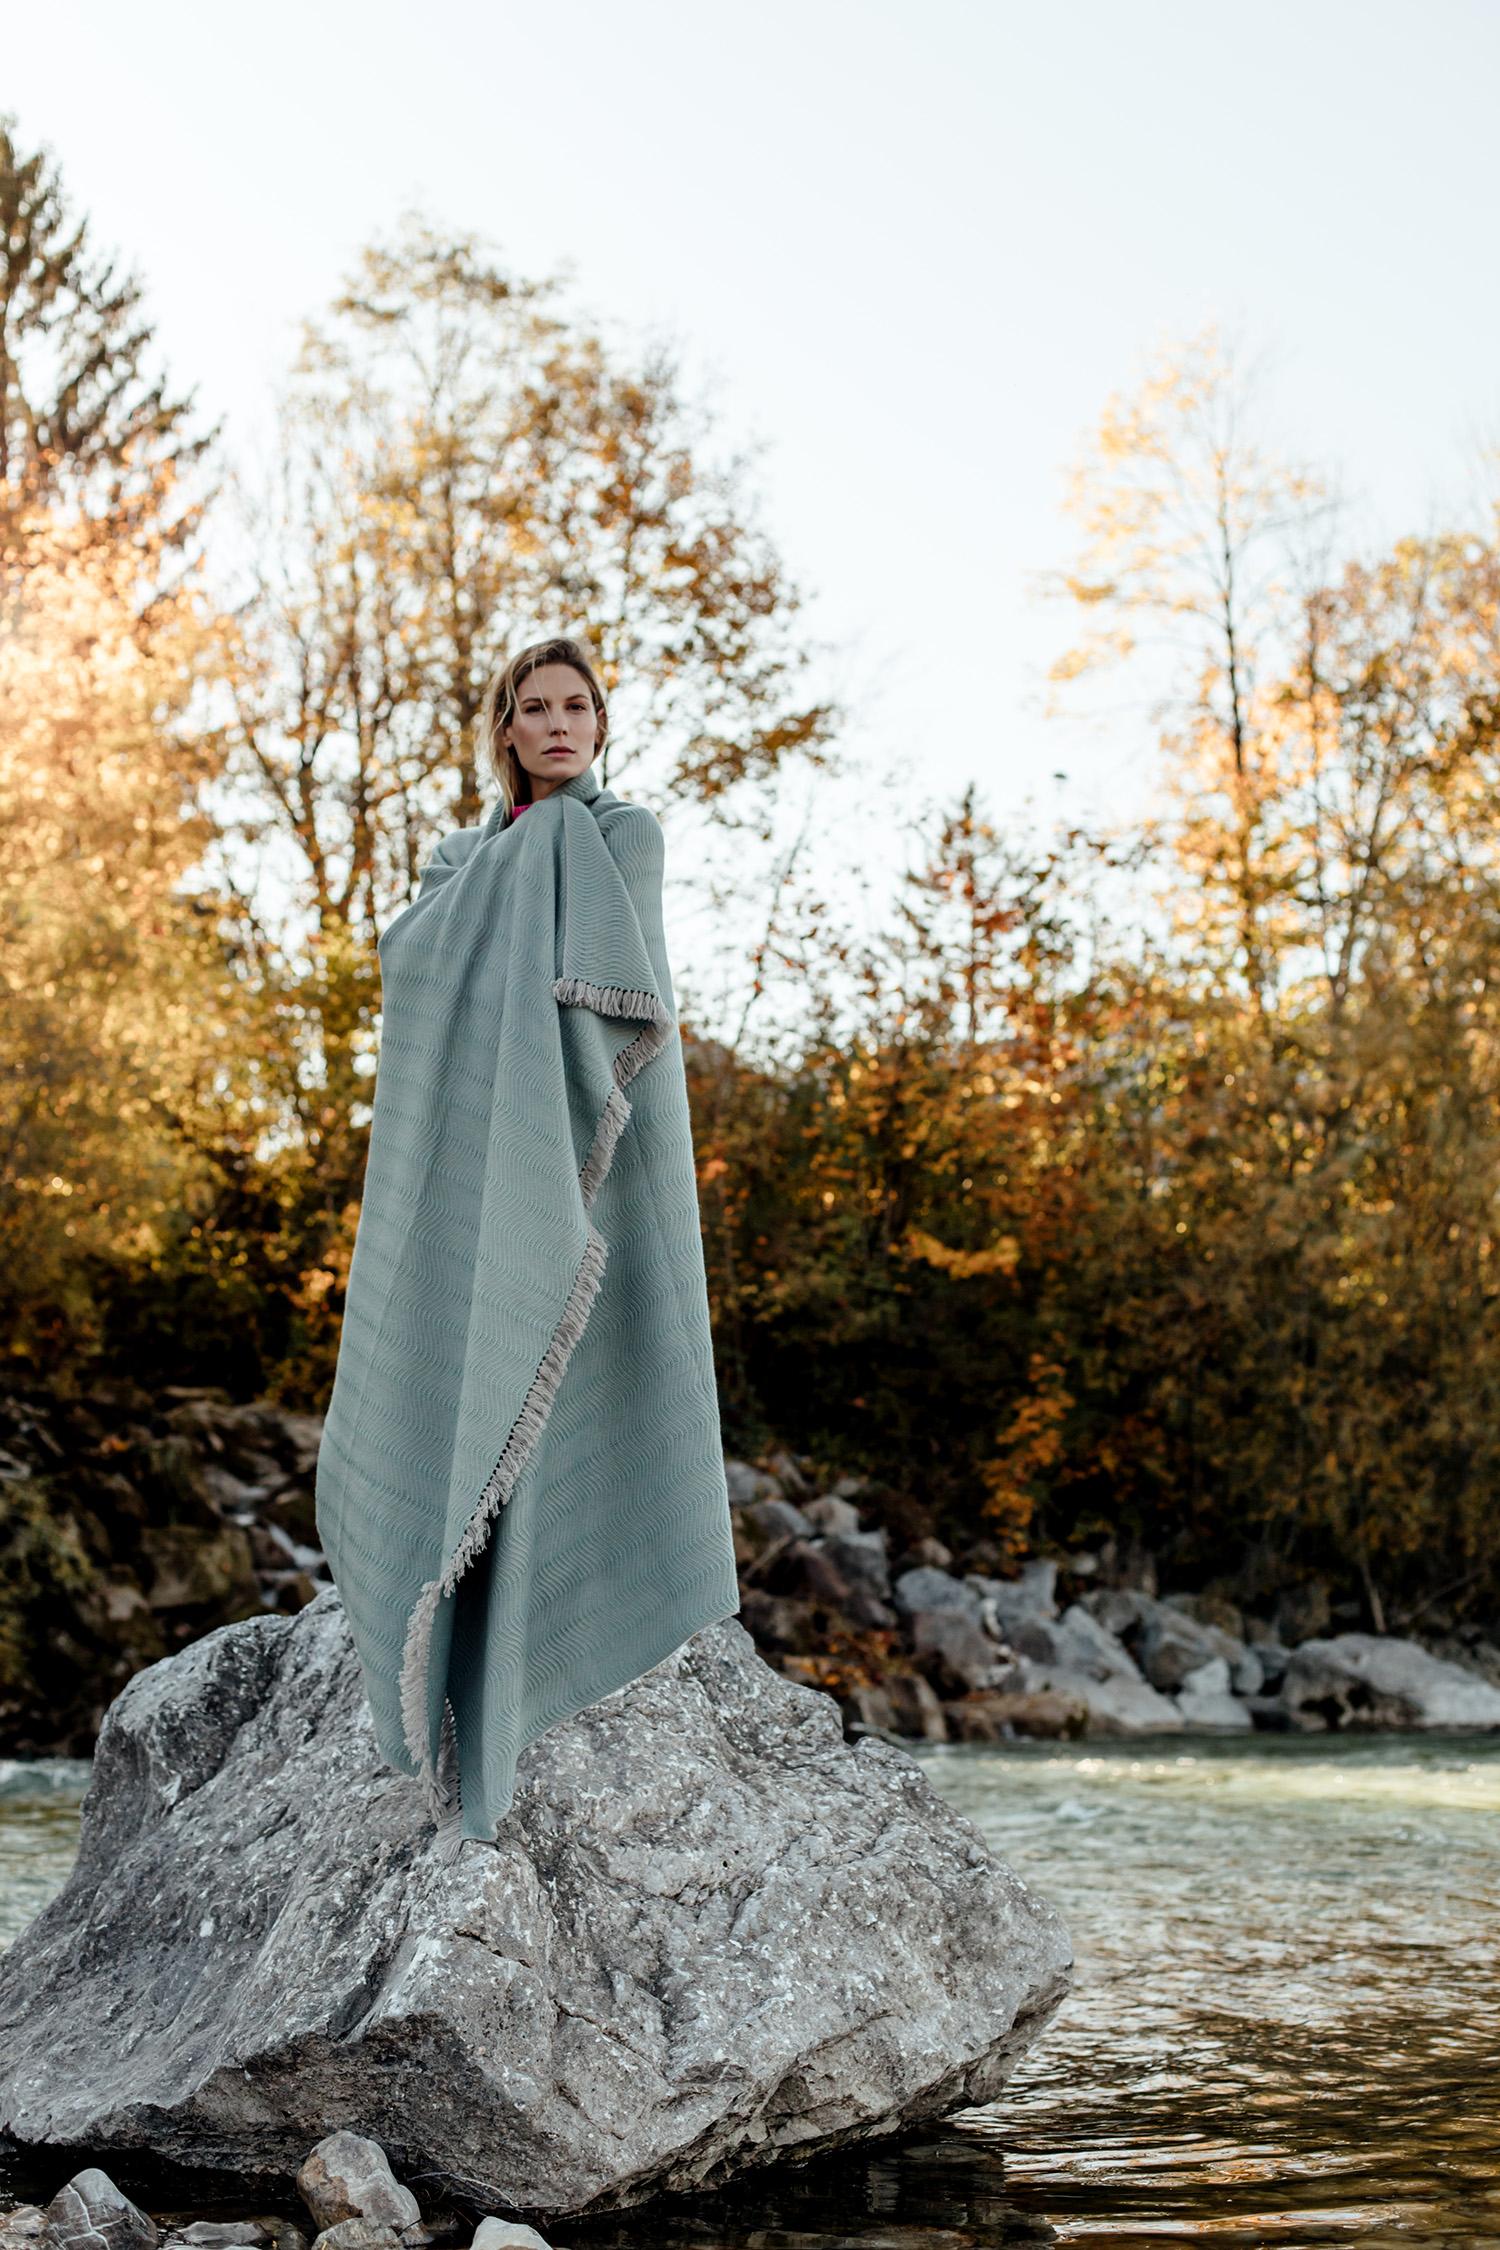 Modefotografie-Mode-Fotograf-Katalog-Fotoproduktion-R15